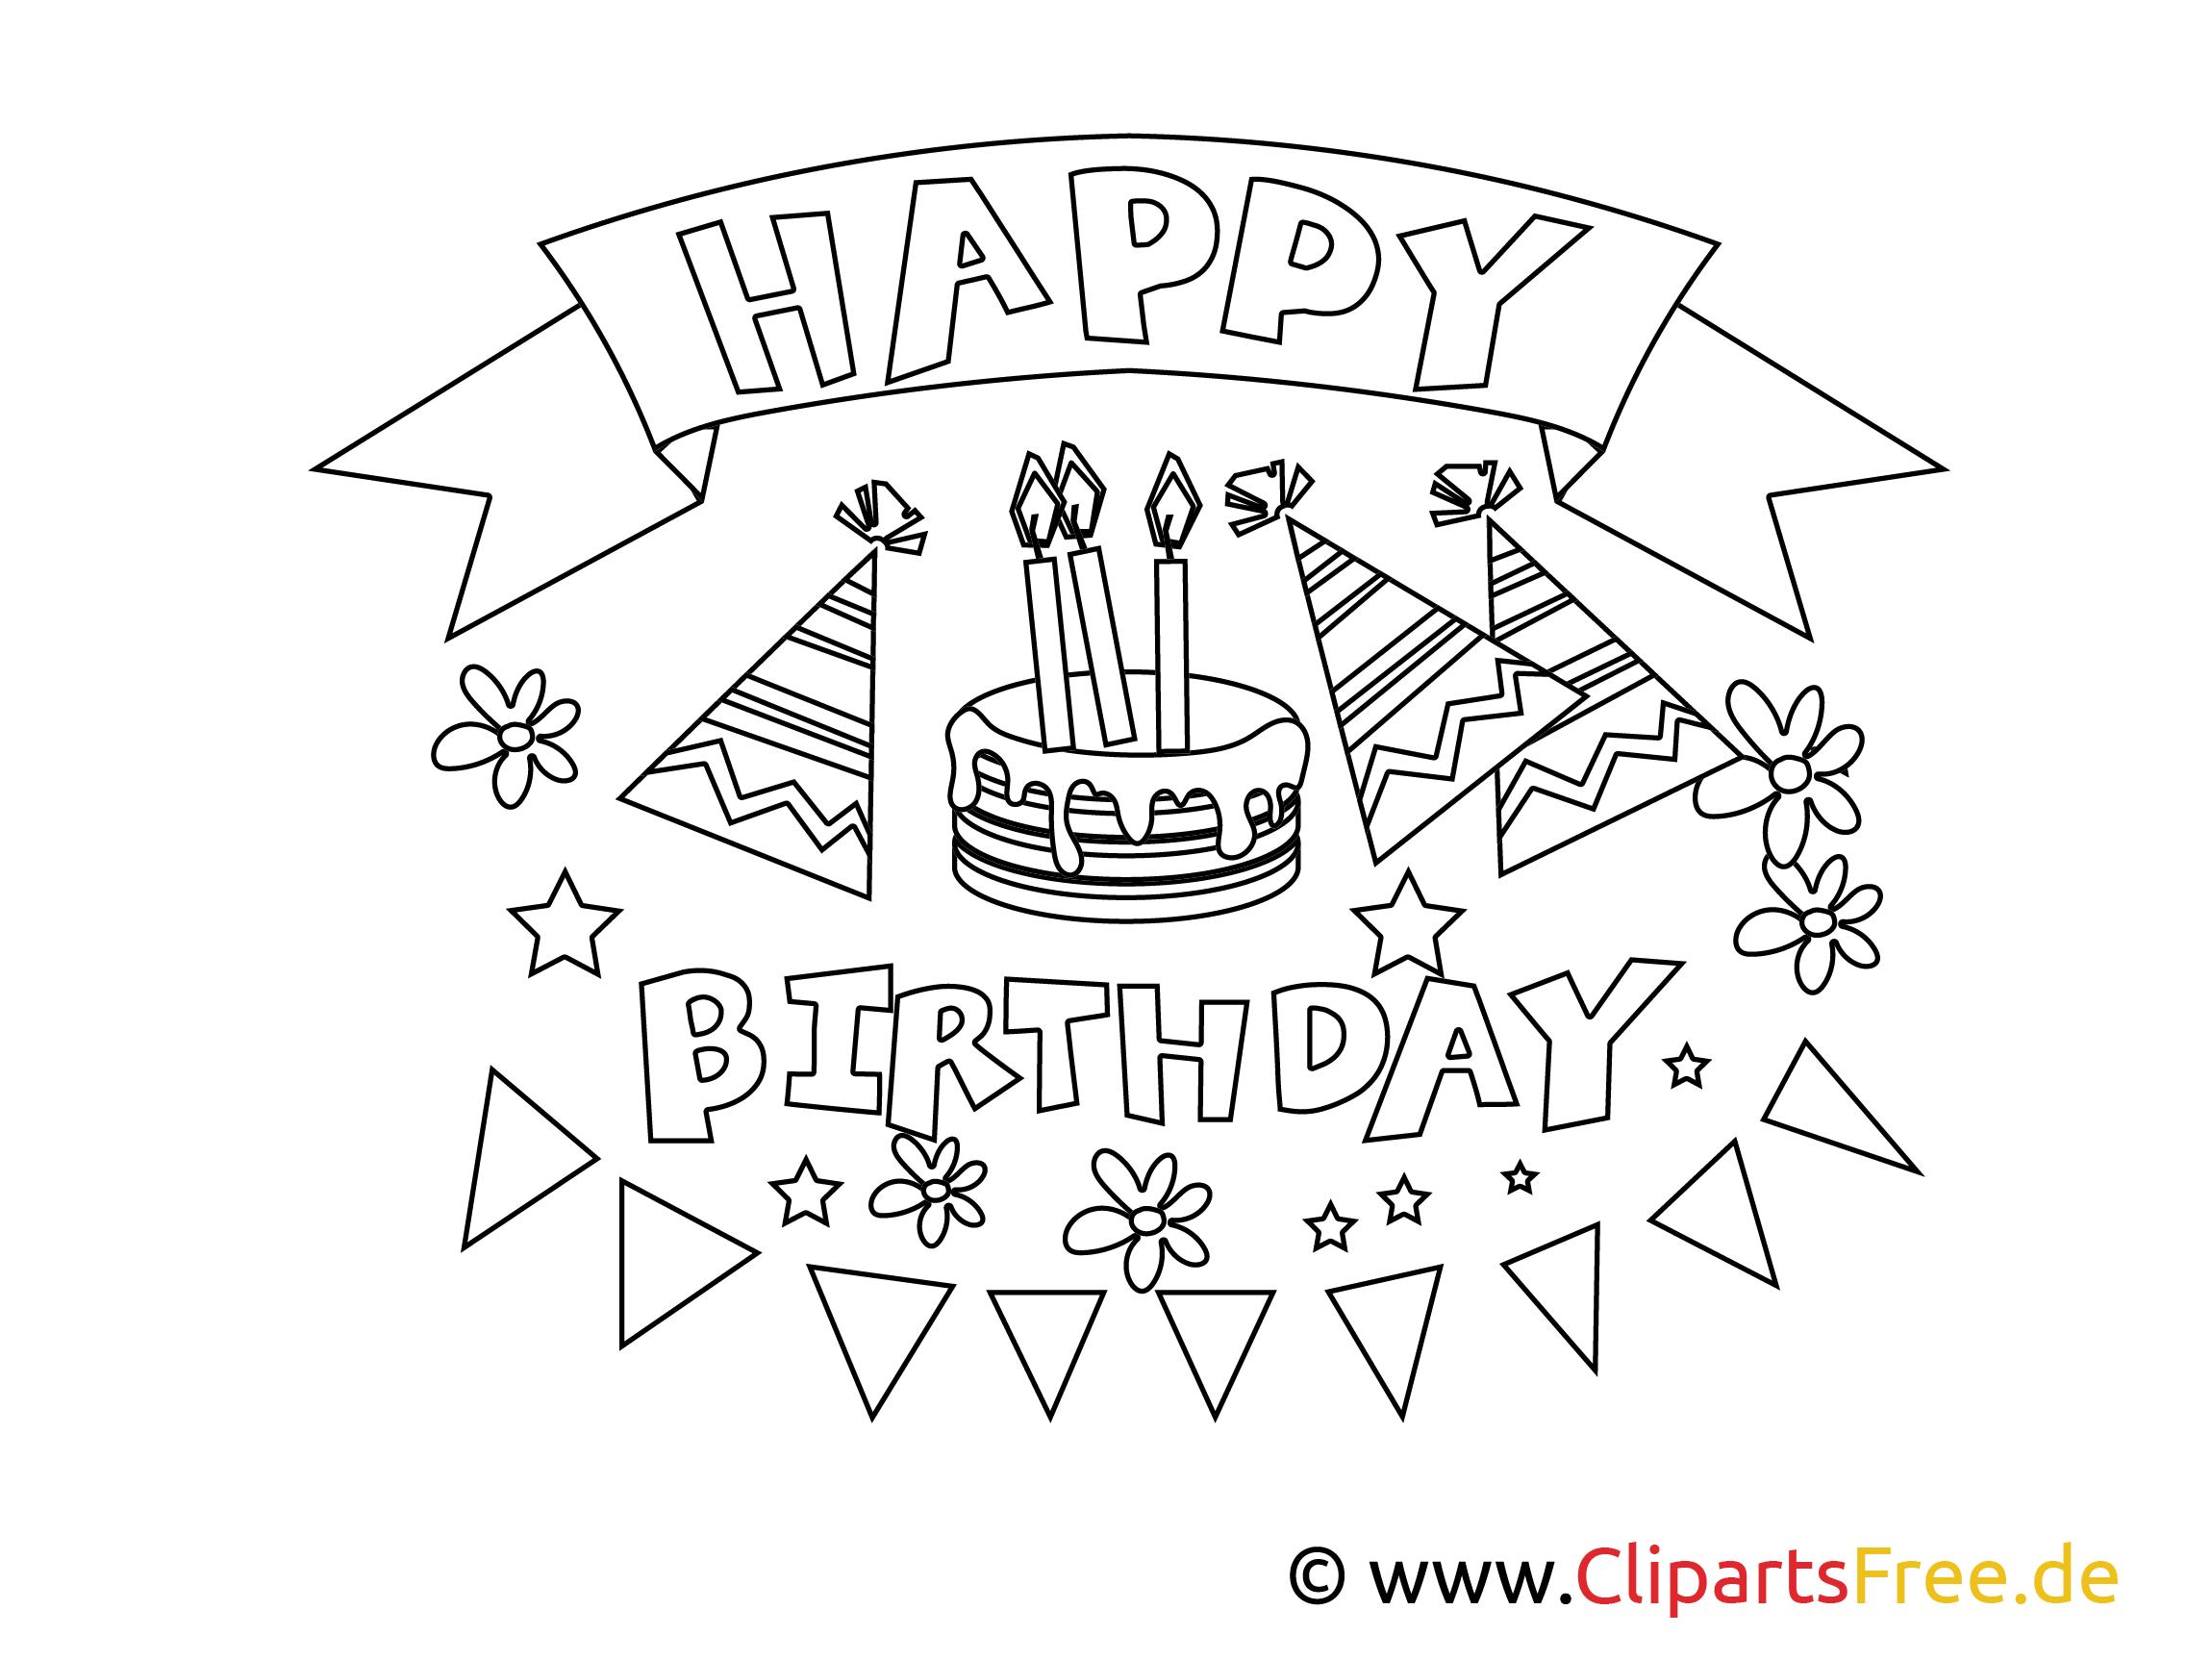 Neu Ausmalbilder Happy Birthday #Malvorlagen #MalvorlagenfürKinder